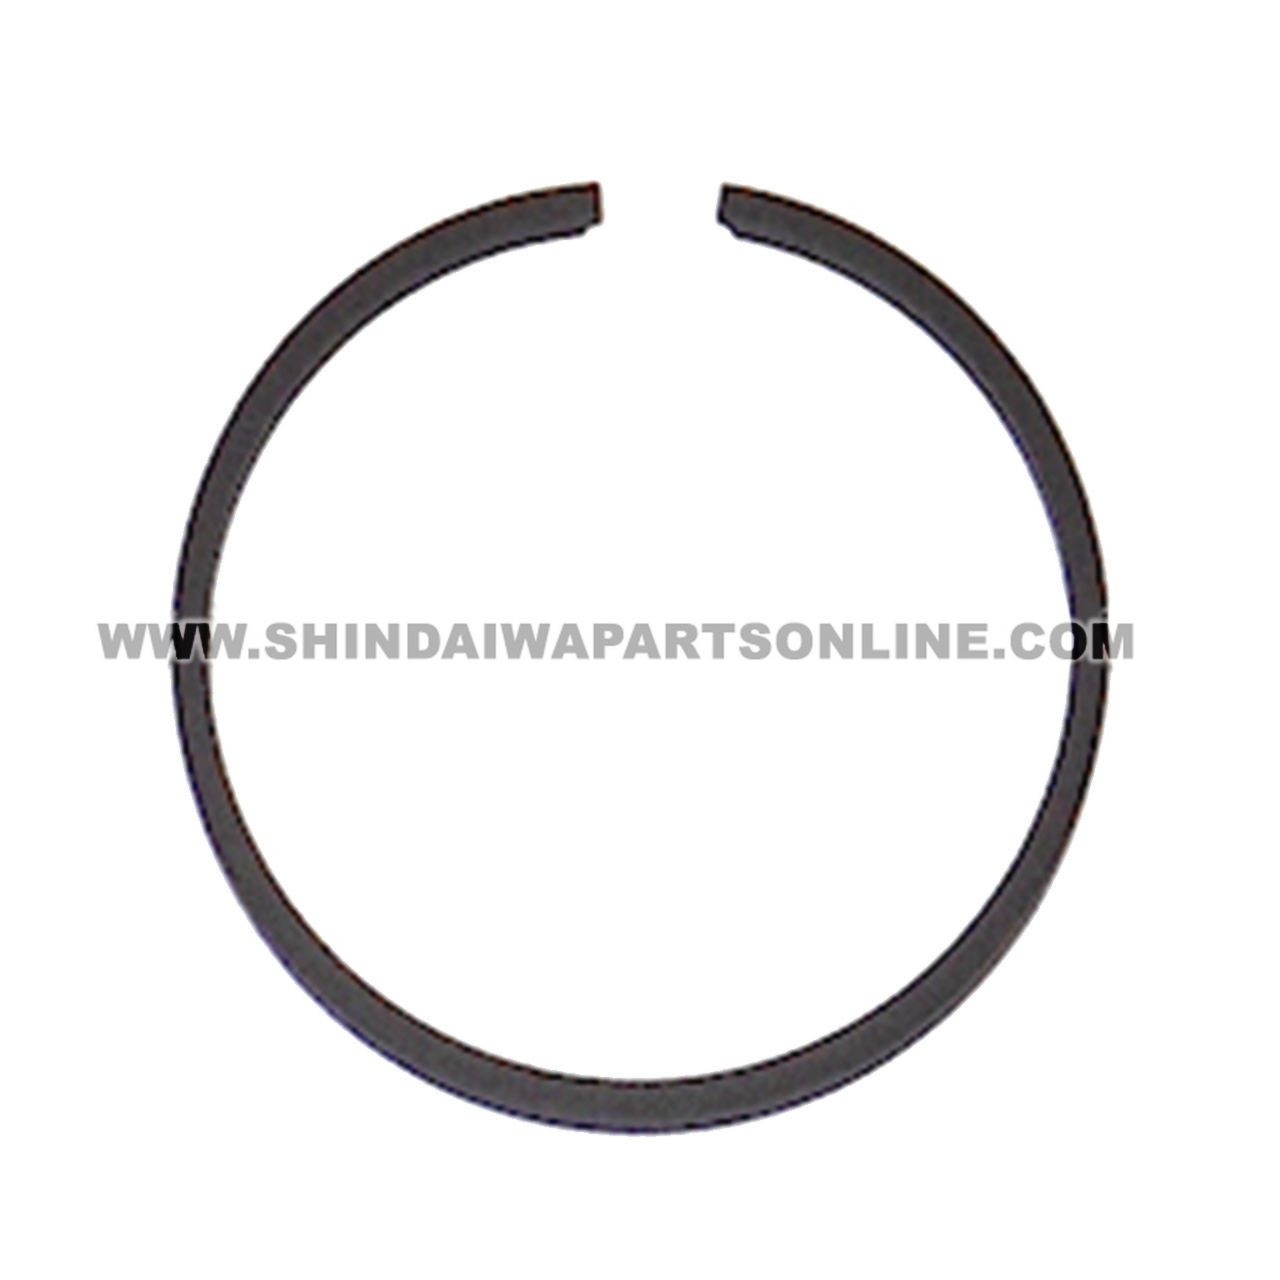 Shindaiwa 10001116131 - Ring Piston